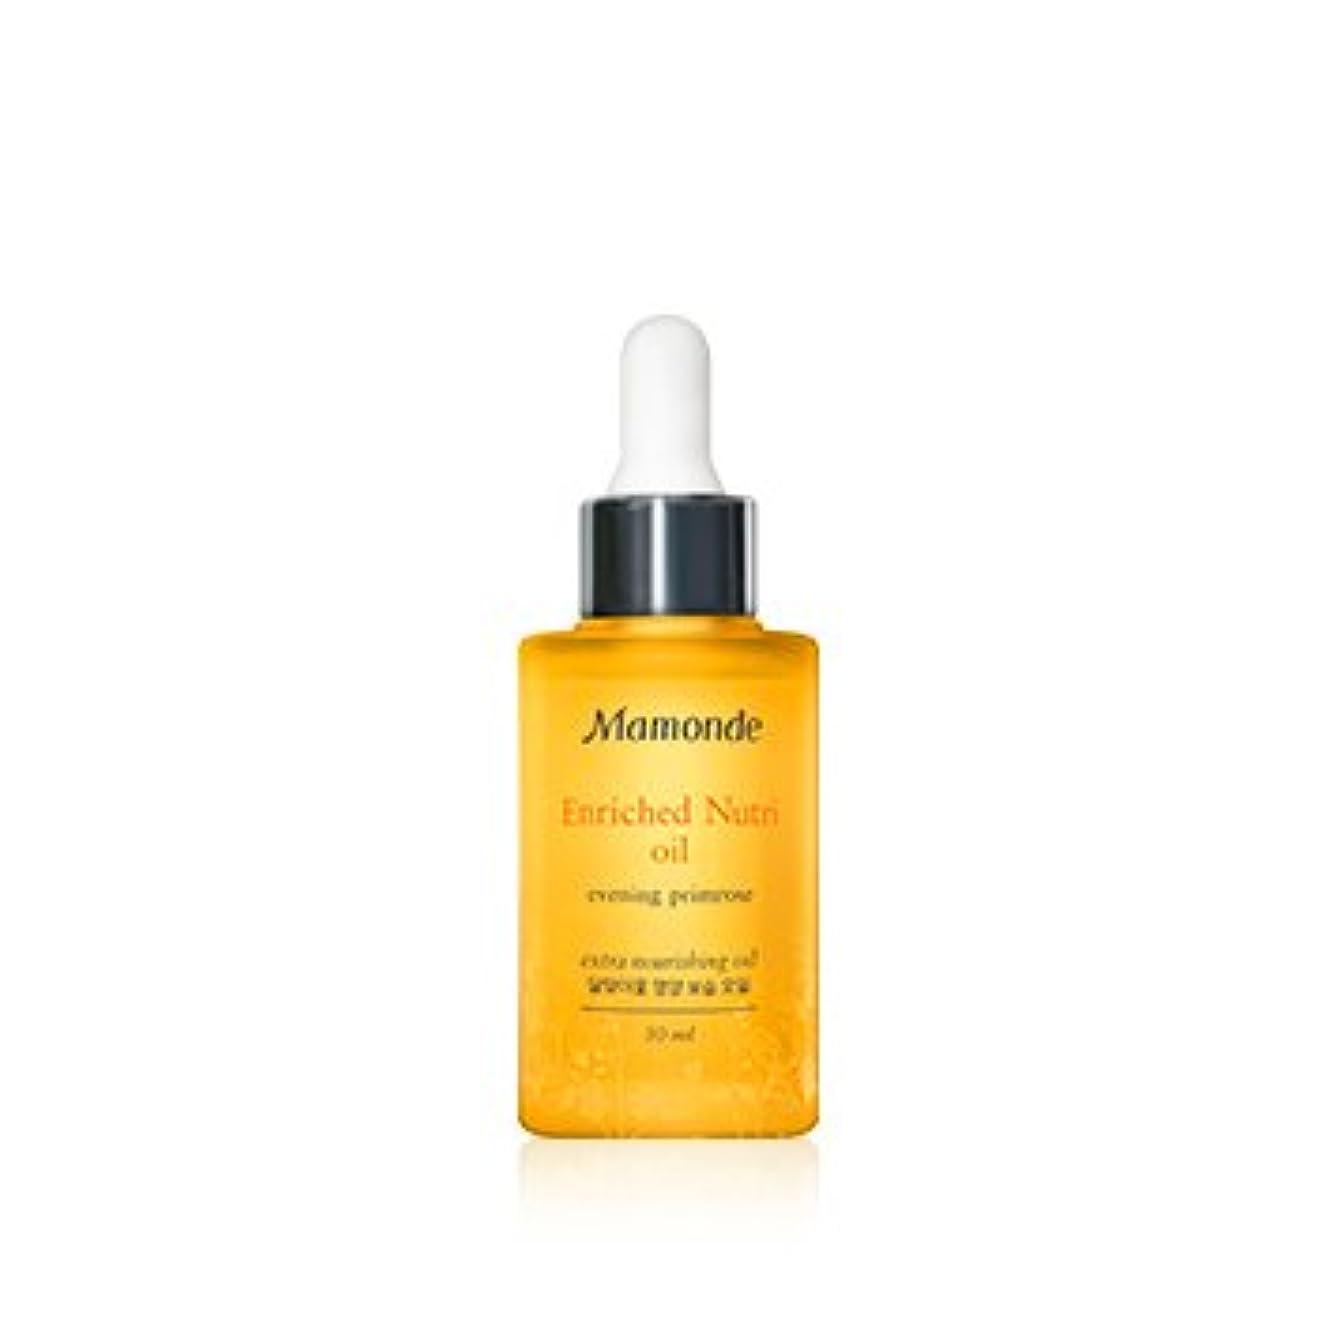 階下三番再生的[New] Mamonde Enriched Nutri Oil 30ml/マモンド エンリッチド ニュートリ オイル 30ml [並行輸入品]